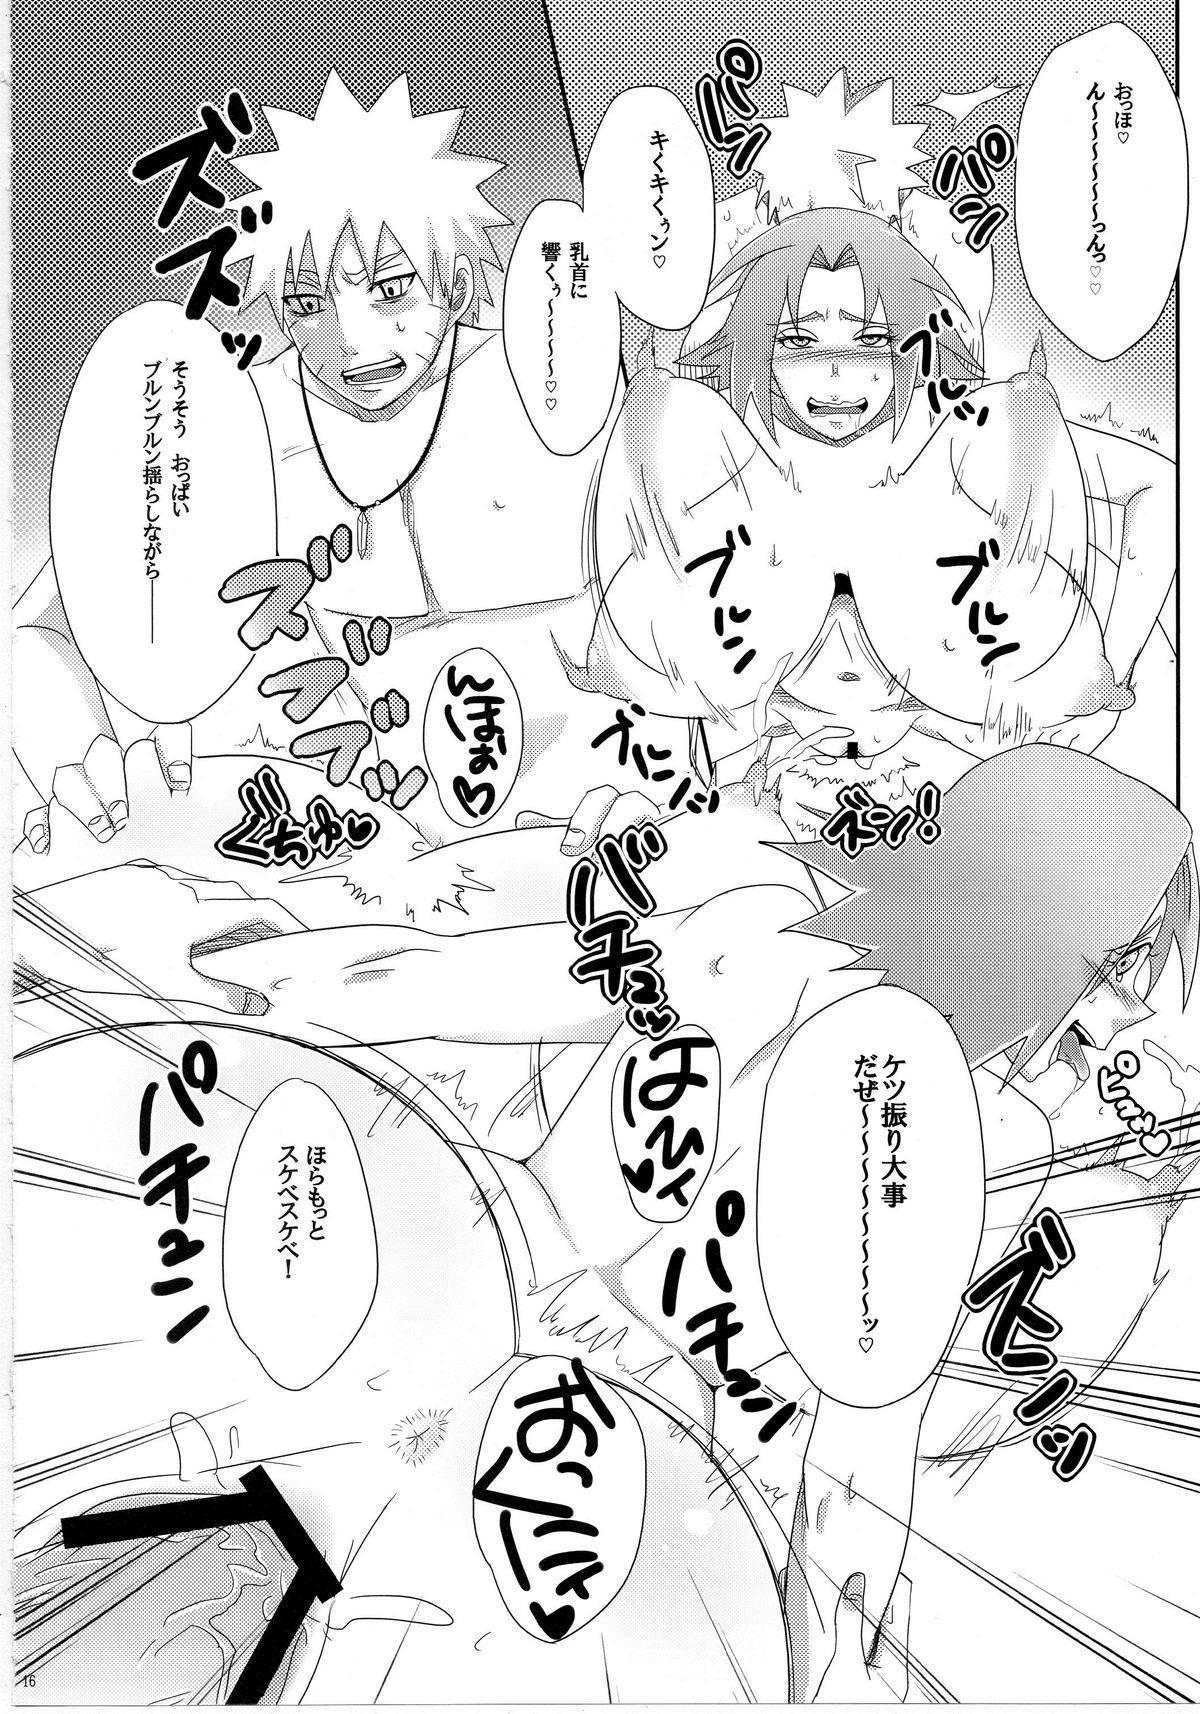 Sato Ichiban no! 14